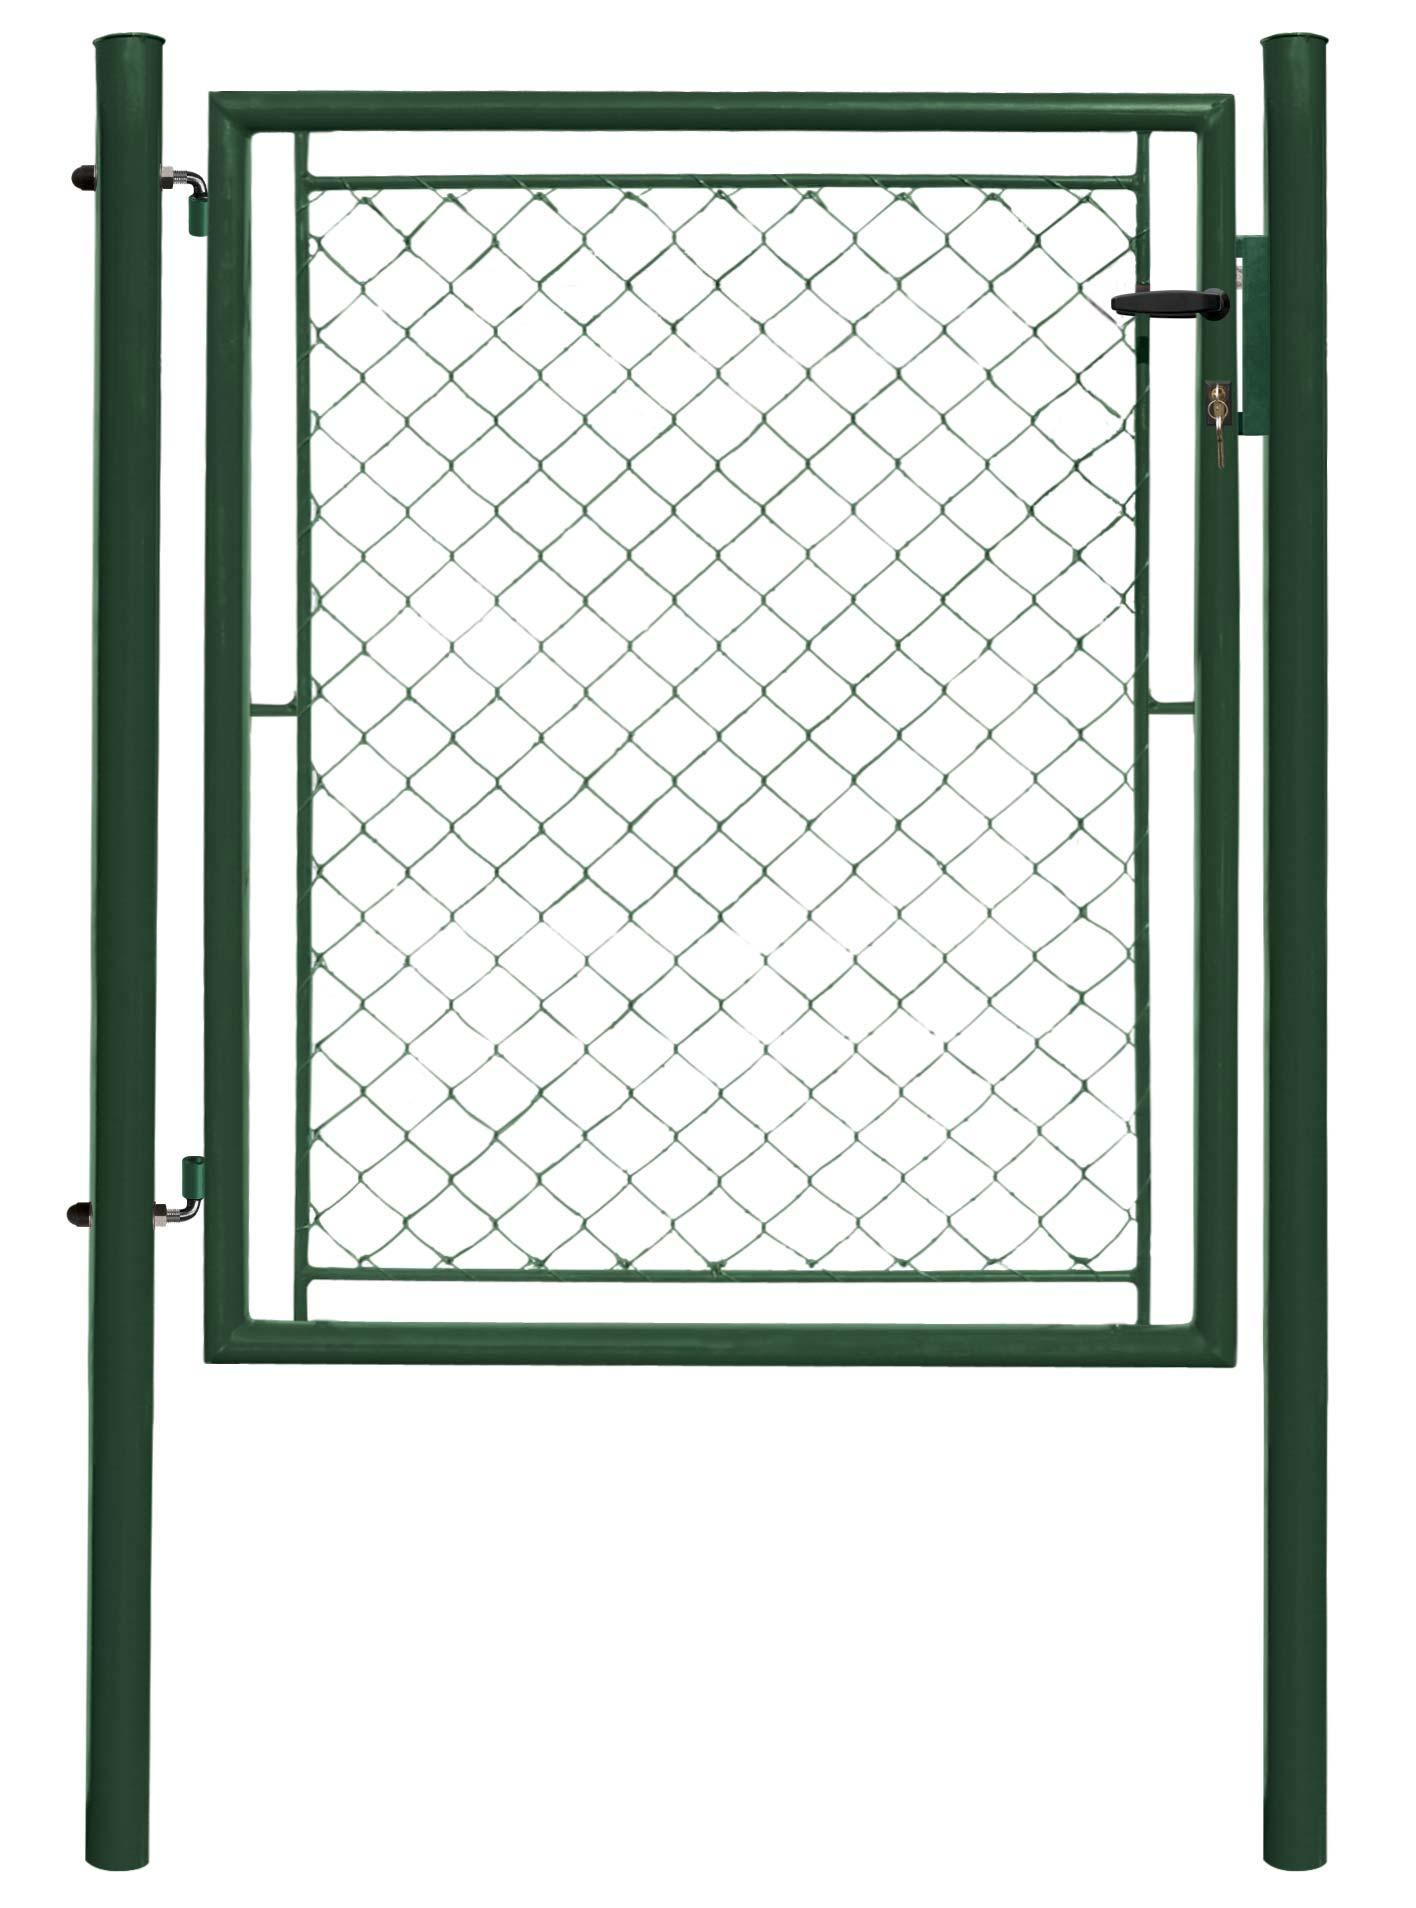 Branka IDEAL jednokřídlá 1085x1200,Zn+PVC, zelená 17Kg